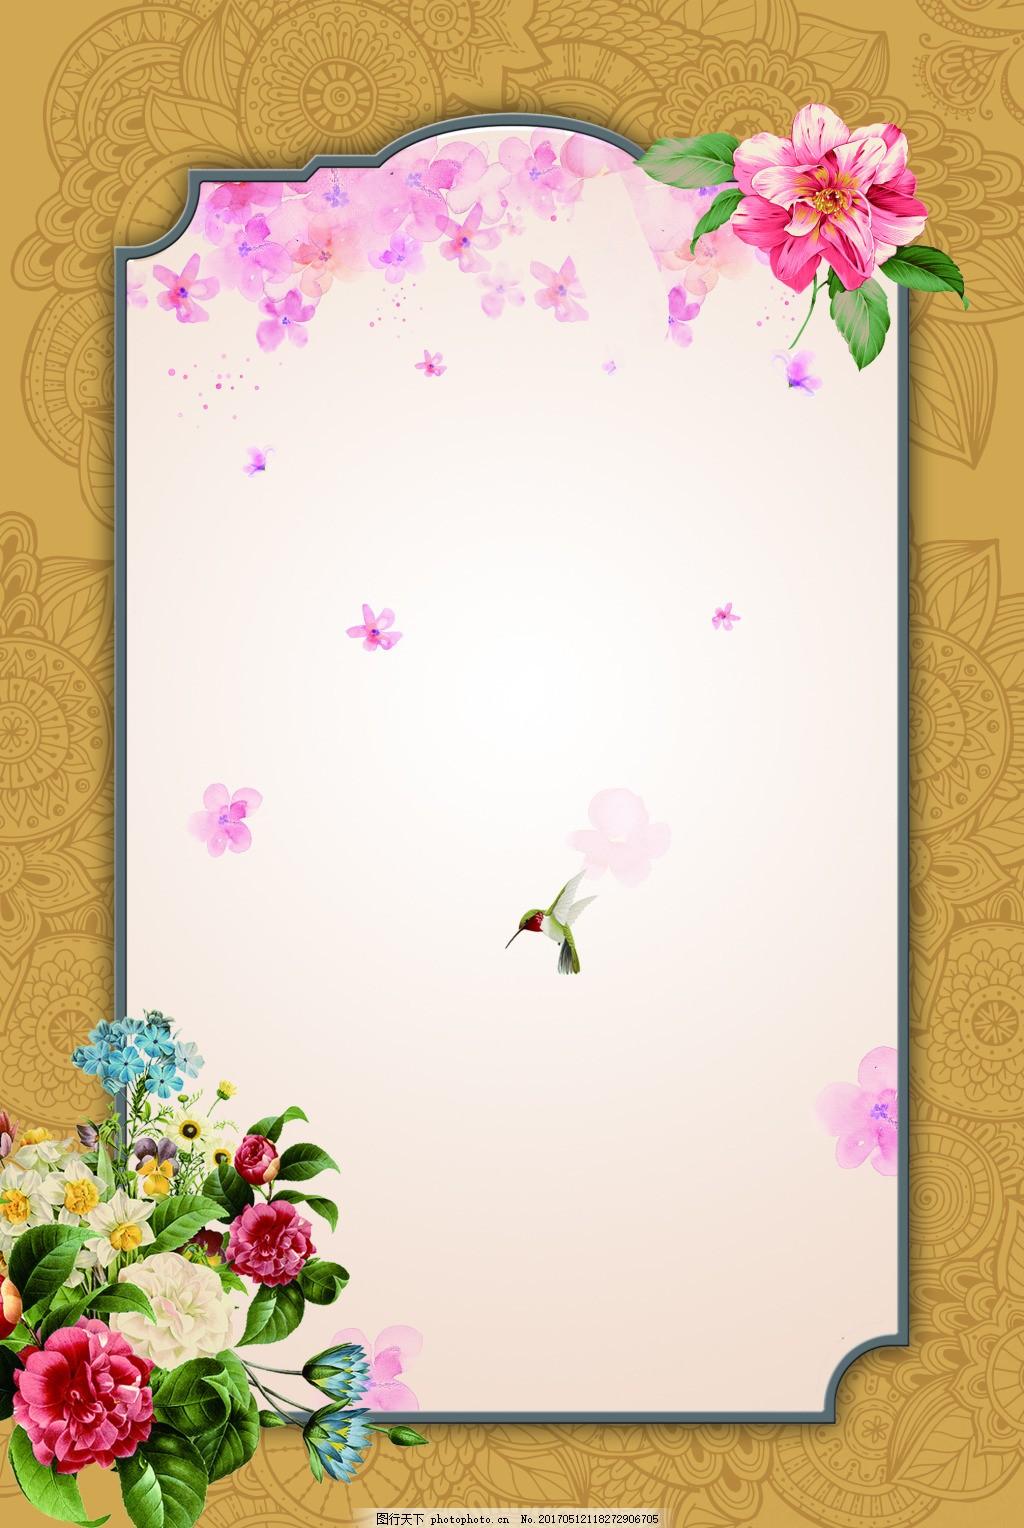 花朵边框背景psd文件 扁平 几何 文艺 小清新 花朵边框展板背景